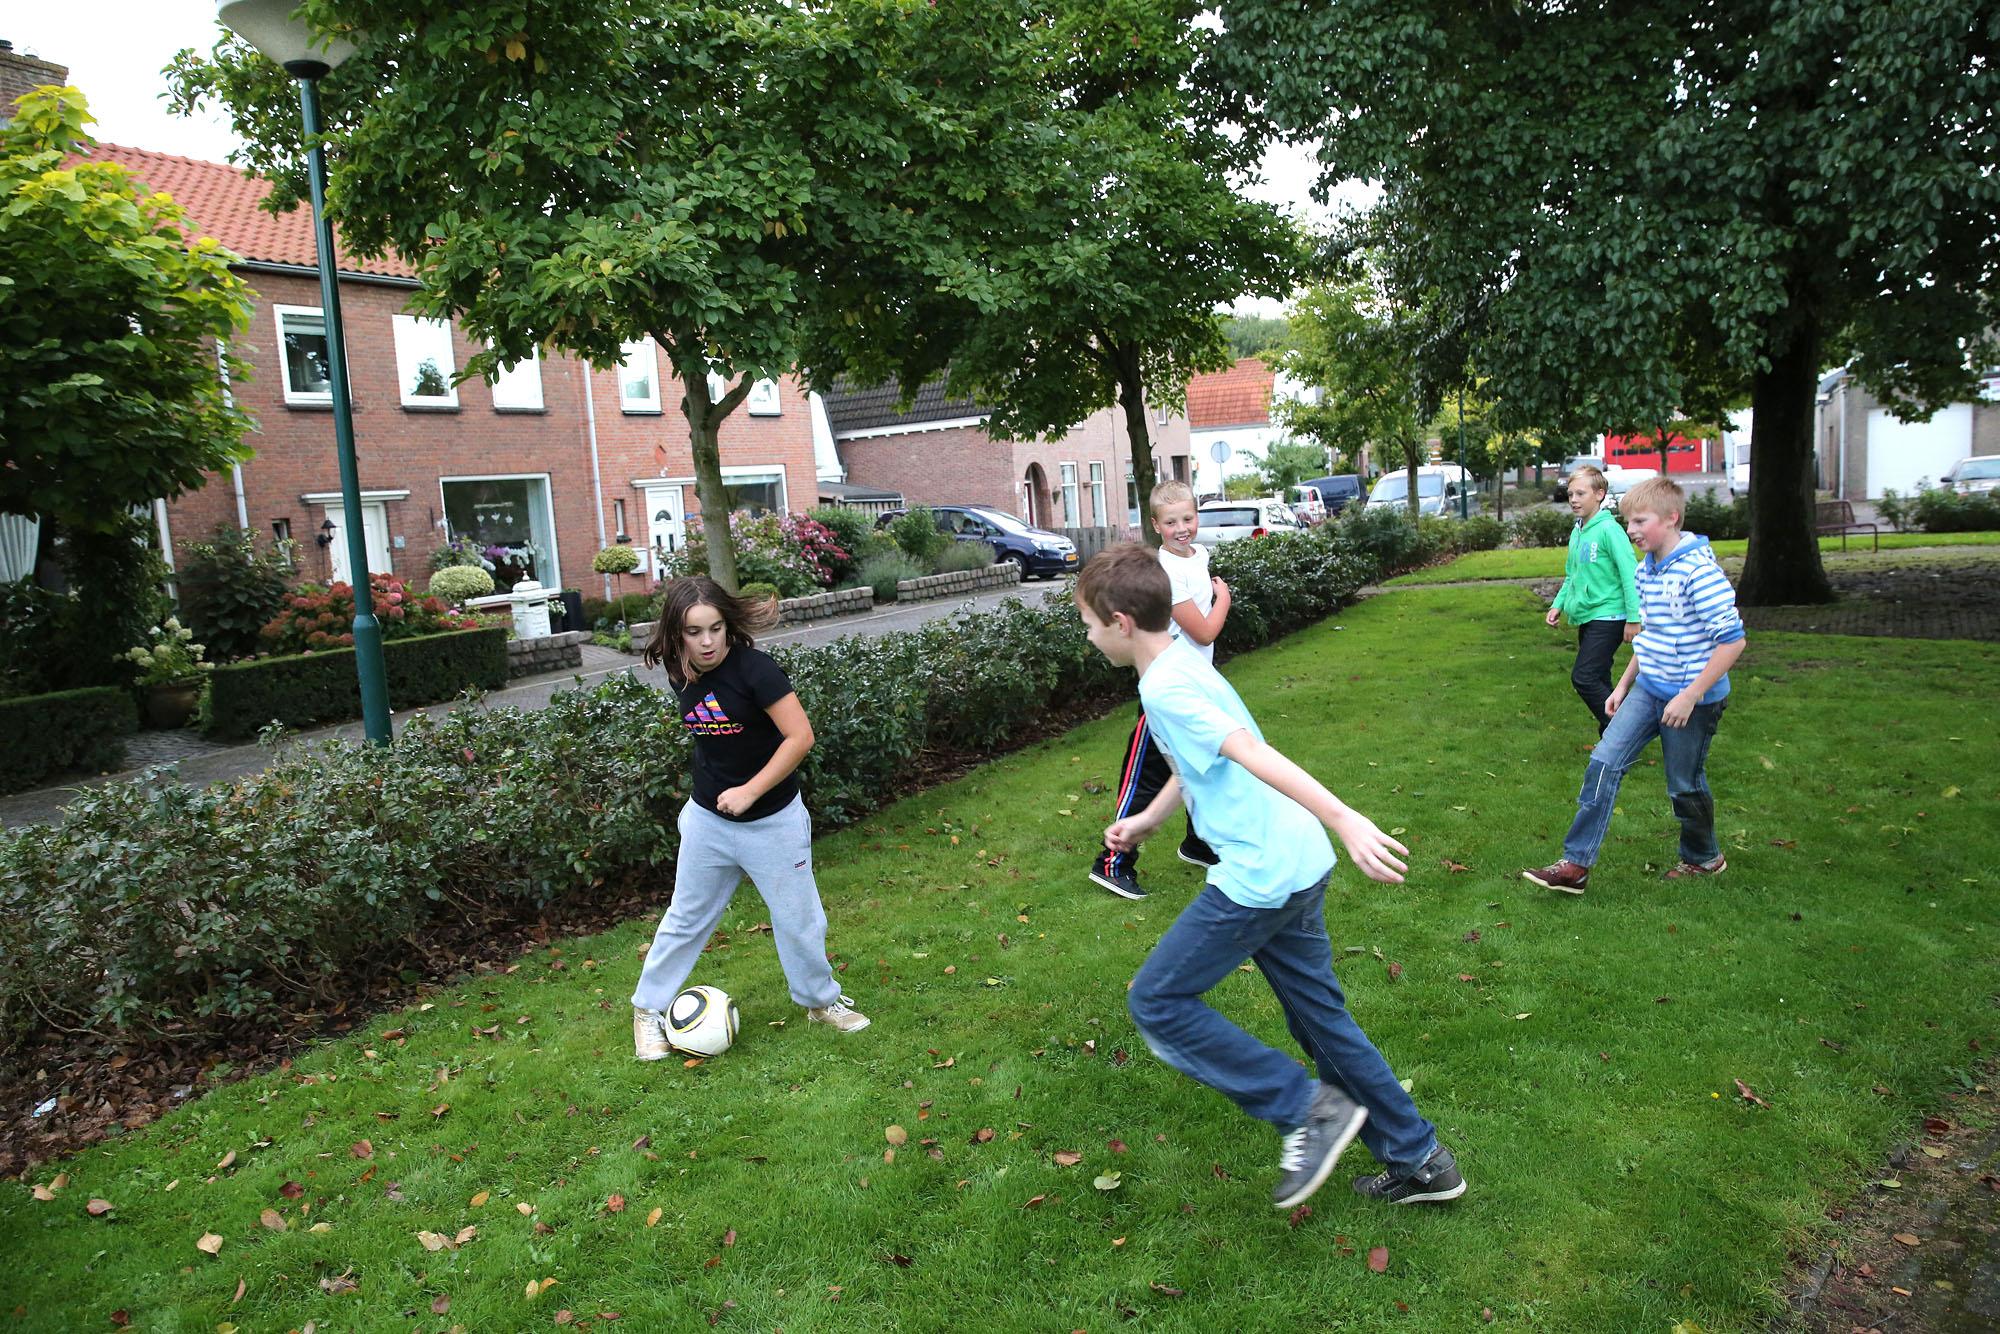 Een foto van kinderen die een potje voetballen in een plantsoen.